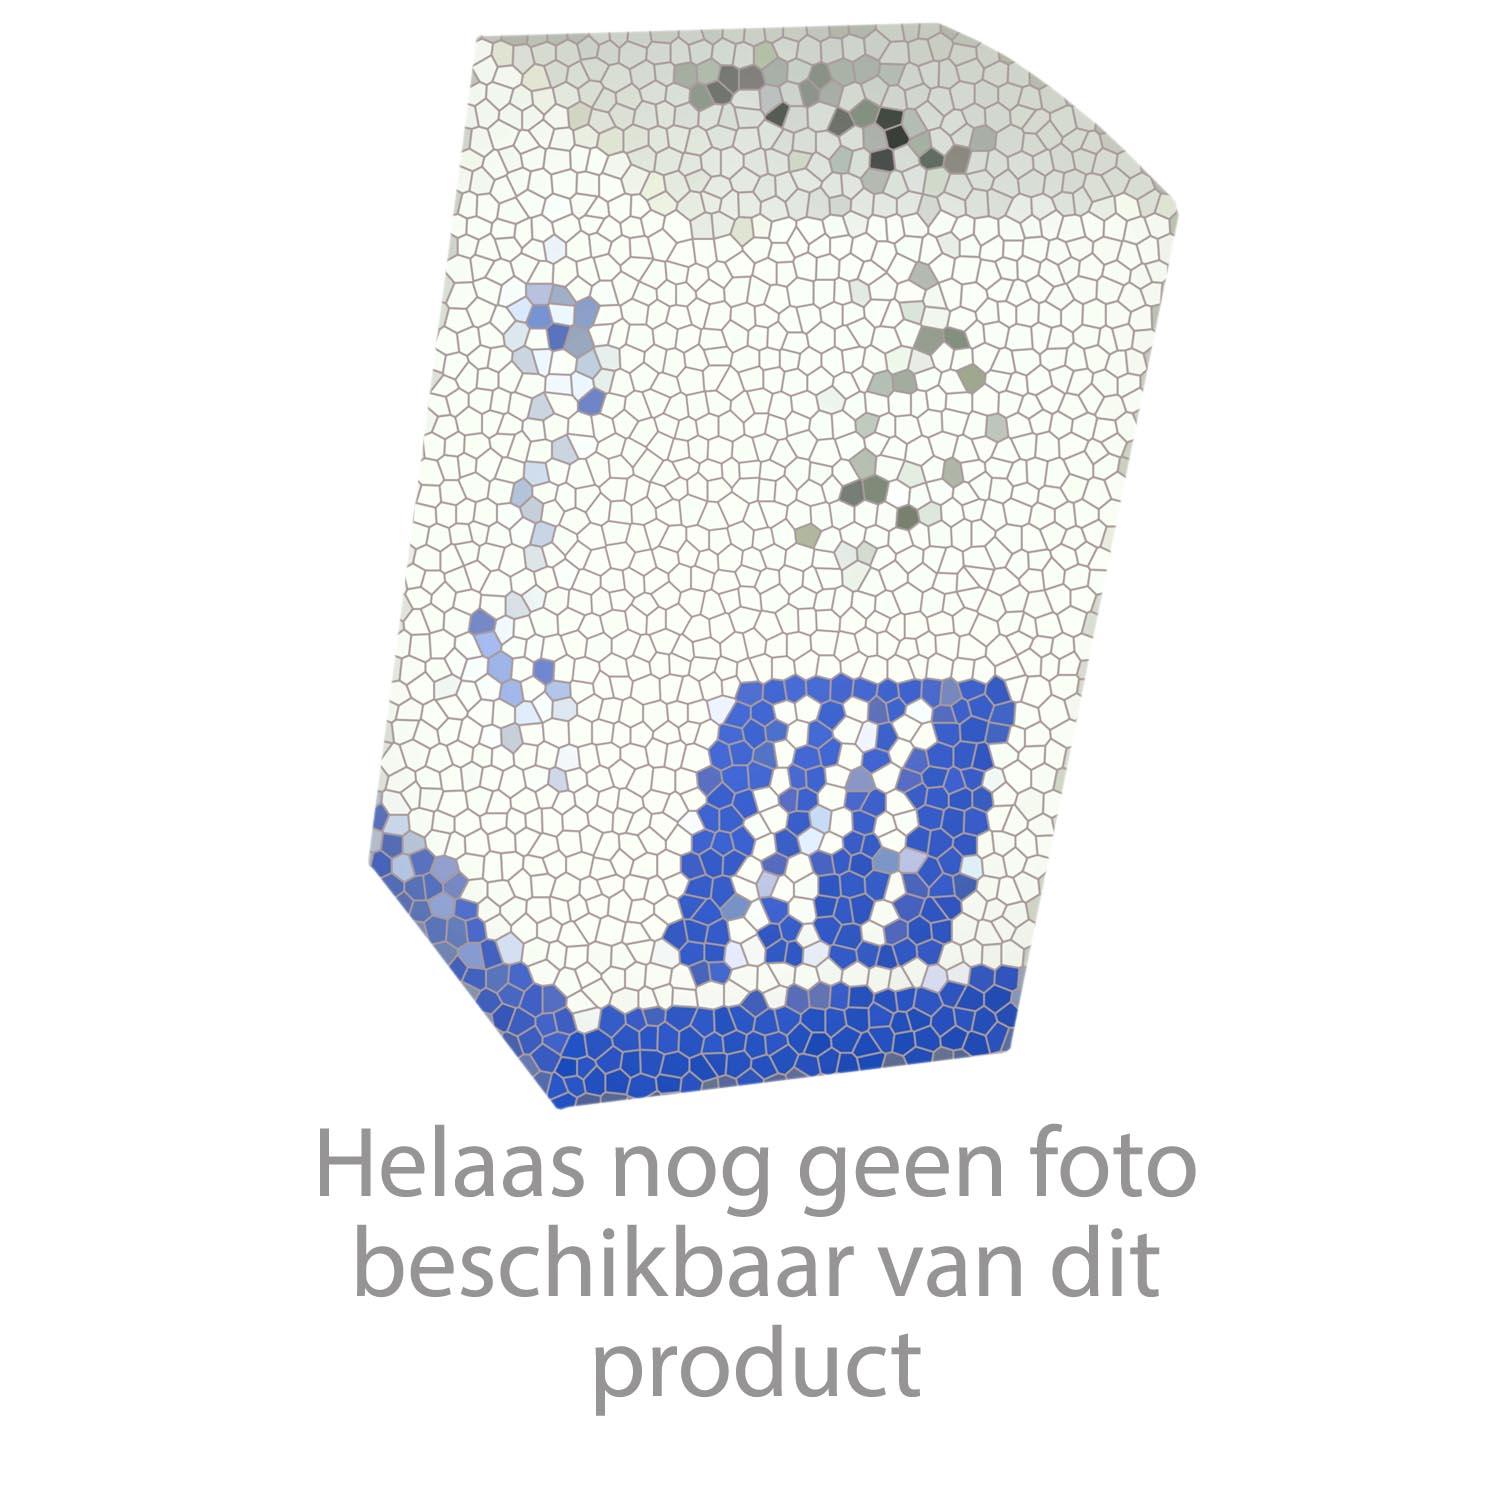 WhatsApp-nummer van het KranenSpecialist.nl is 06 - 19 68 34 20